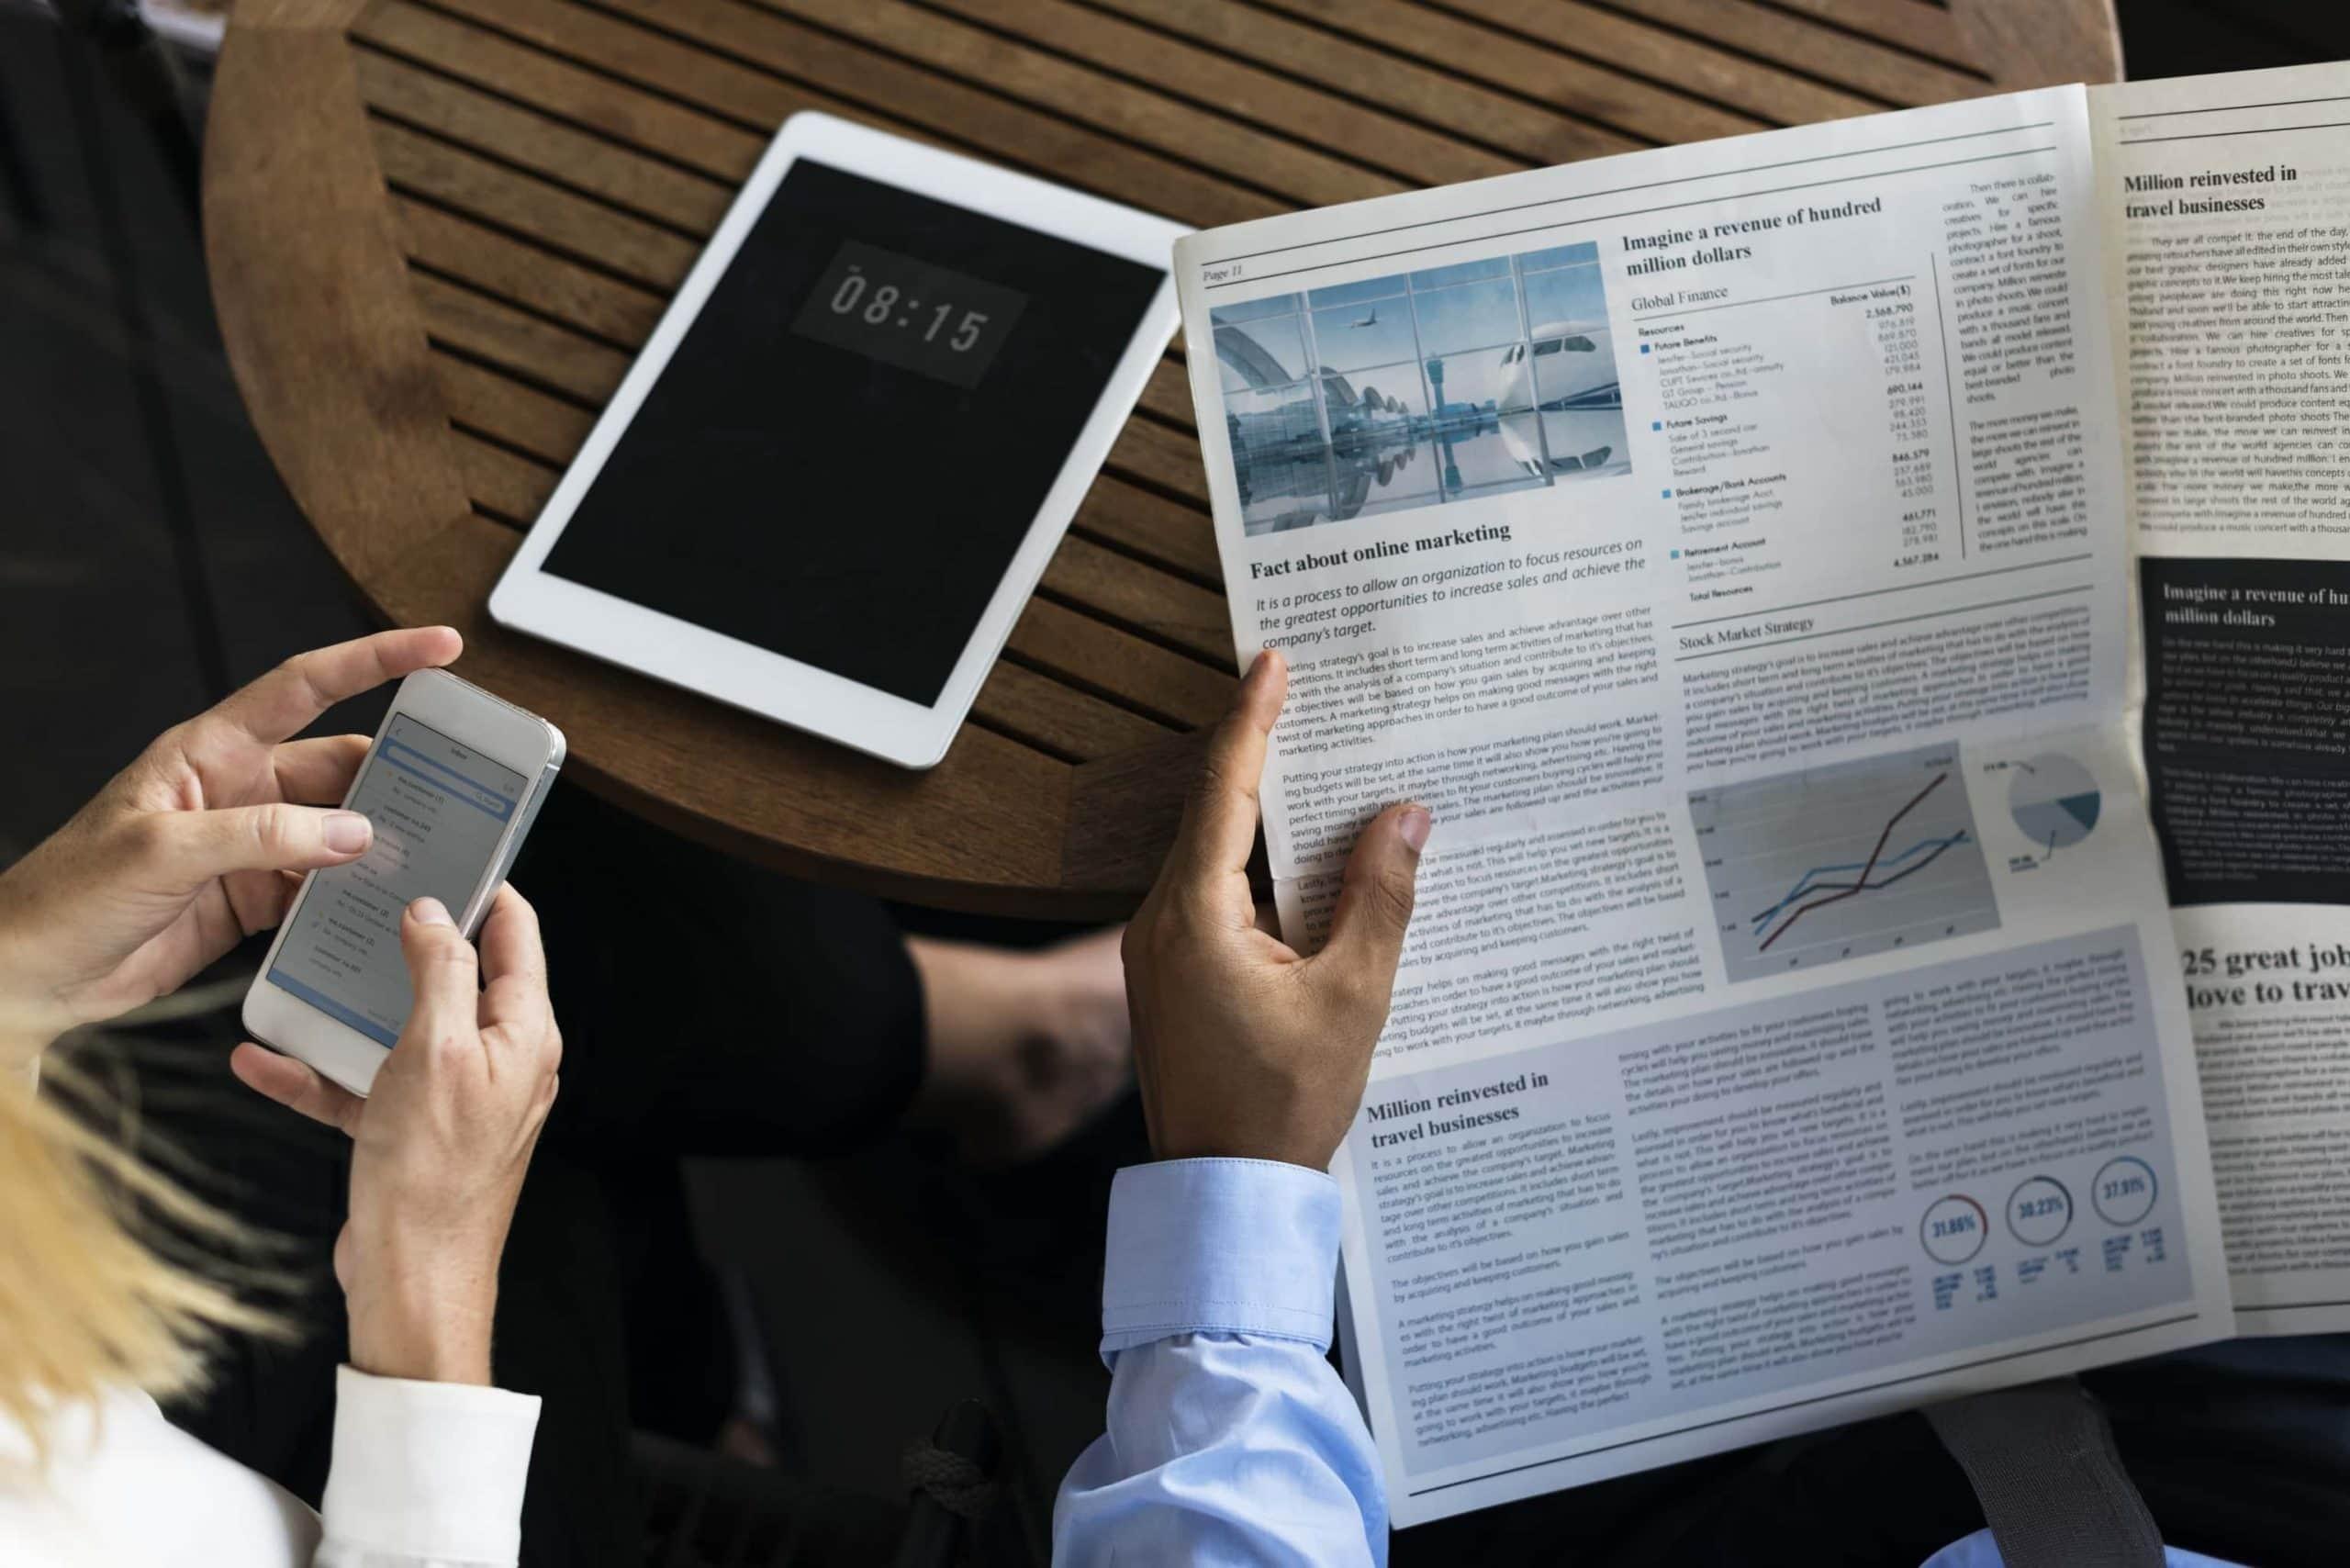 Geschäftsleute, die Nachrichten lesen. Einmal digital auf dem Smartphone und einmal klassisch in der Zeitung.